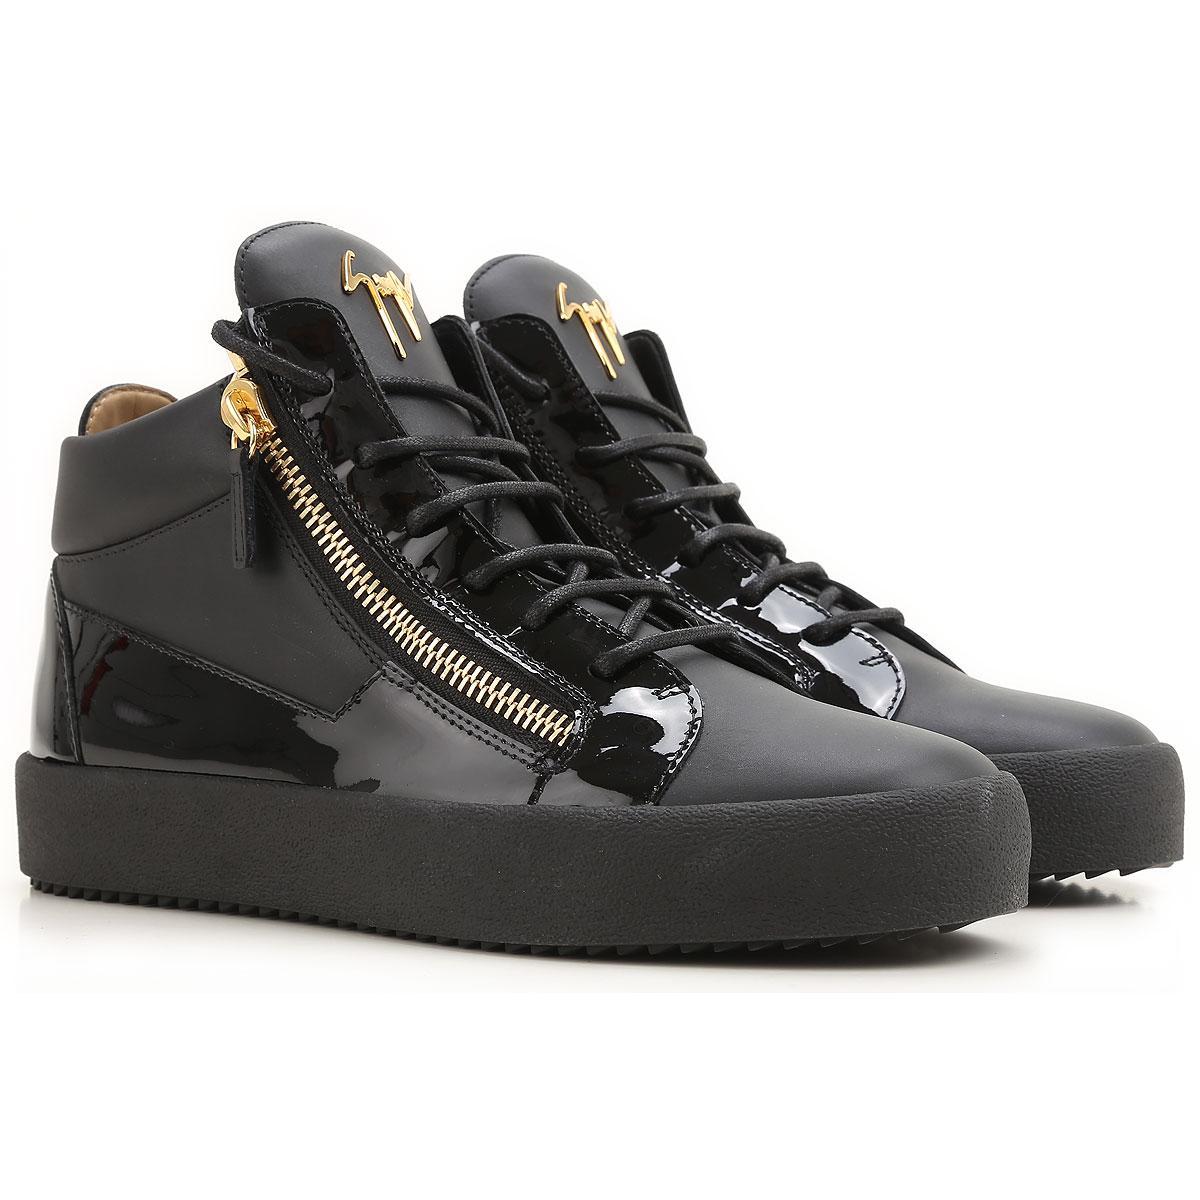 a1f6e242d3c Lyst - Sneaker Homme Pas cher en Soldes Giuseppe Zanotti pour homme ...